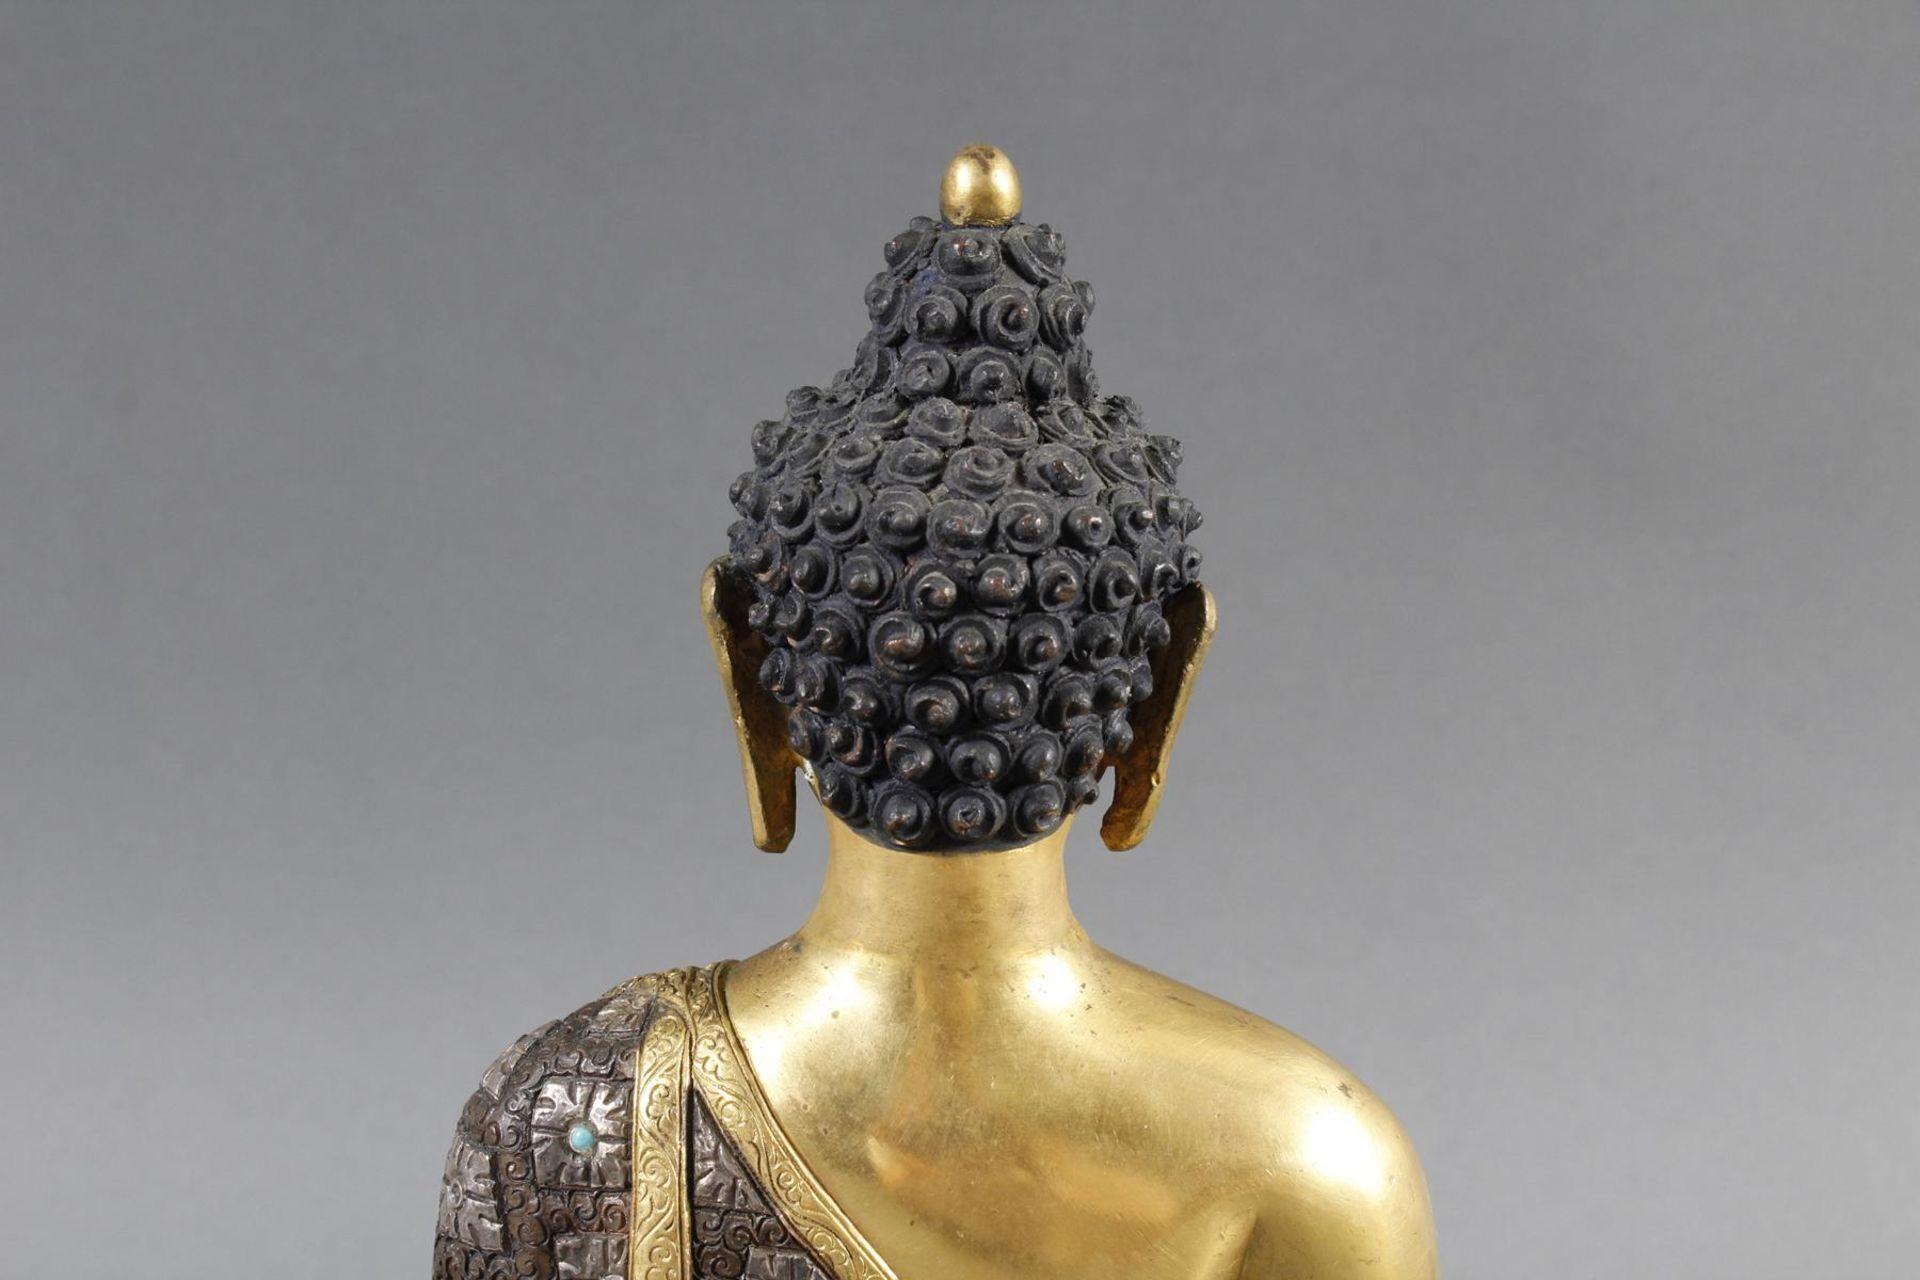 Bronze des Buddha Shakyamuni in der Erdberührungsgeste auf Lotospodest - Bild 9 aus 10